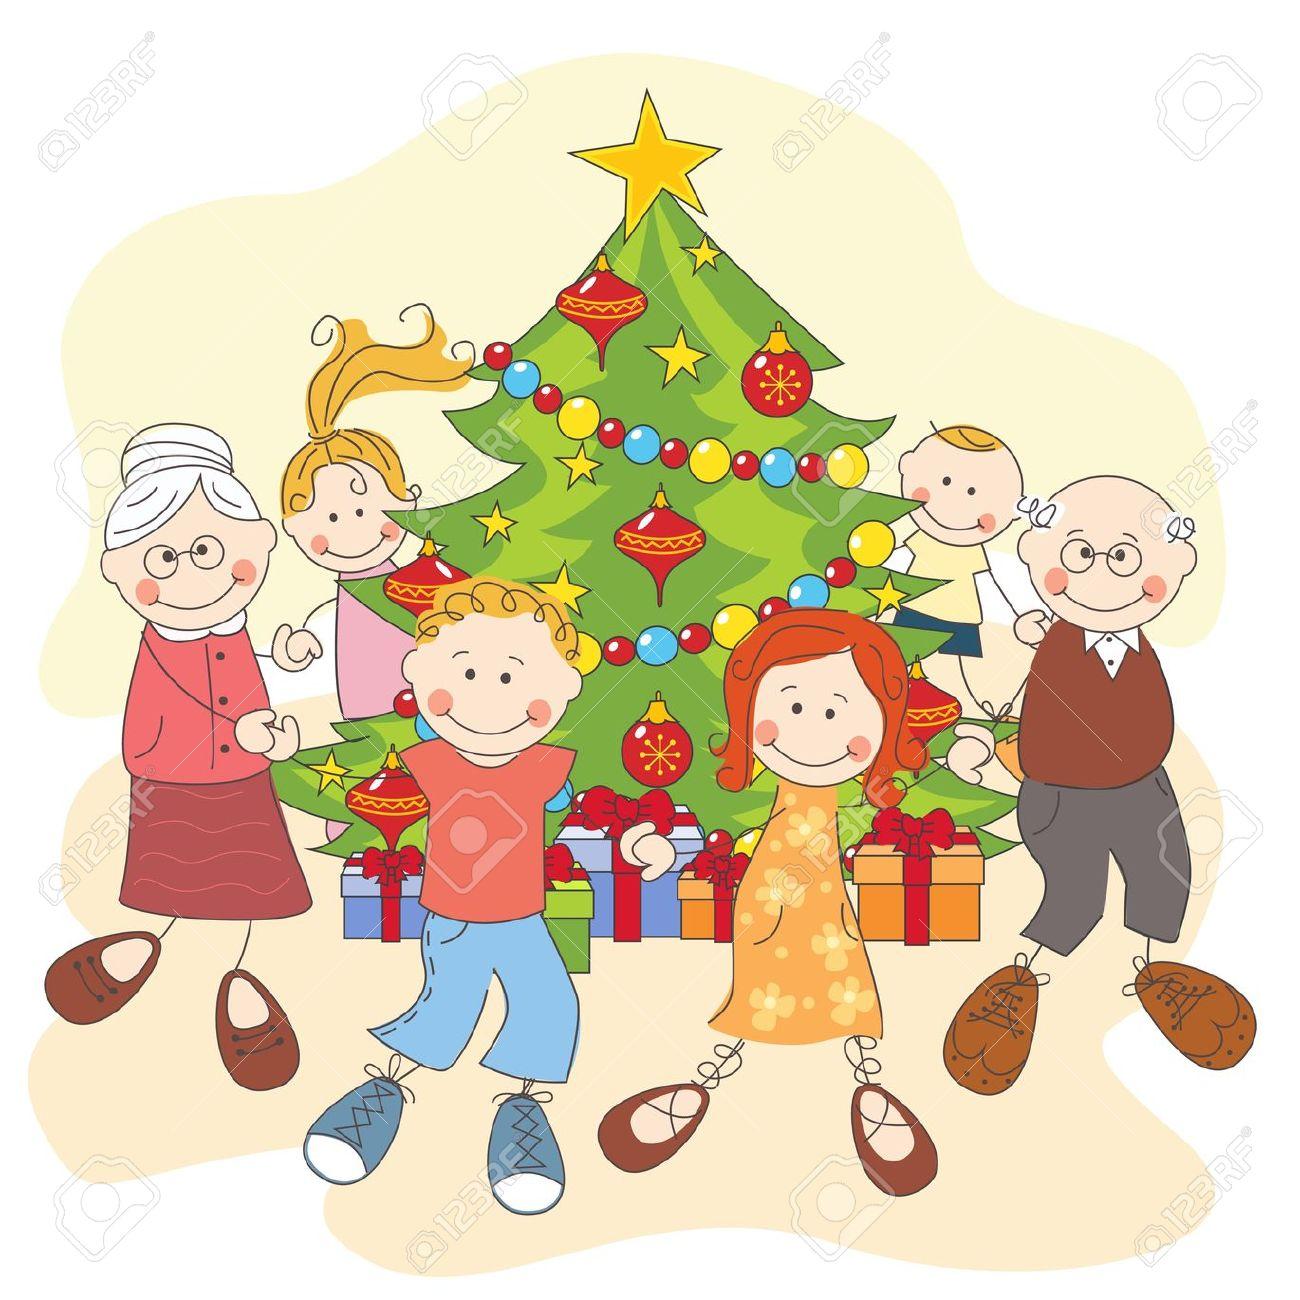 16843237-Navidad-de-la-familia-feliz-bailando-juntos